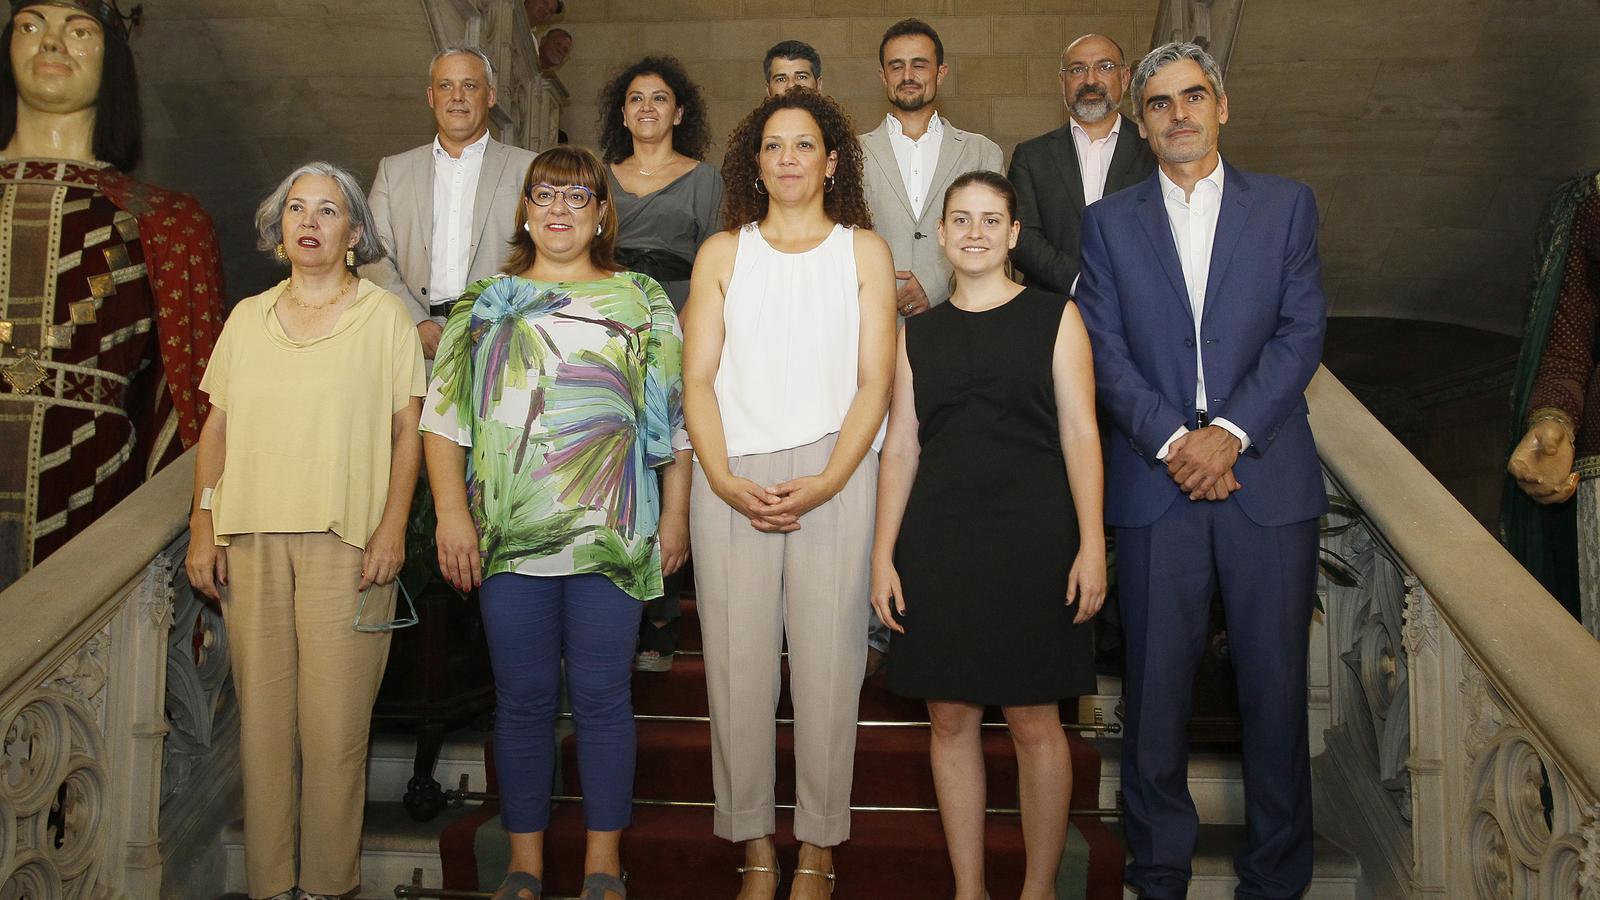 La presidenta del Consell de Mallorca, Catalina Cladera, amb els nous consellers insulars